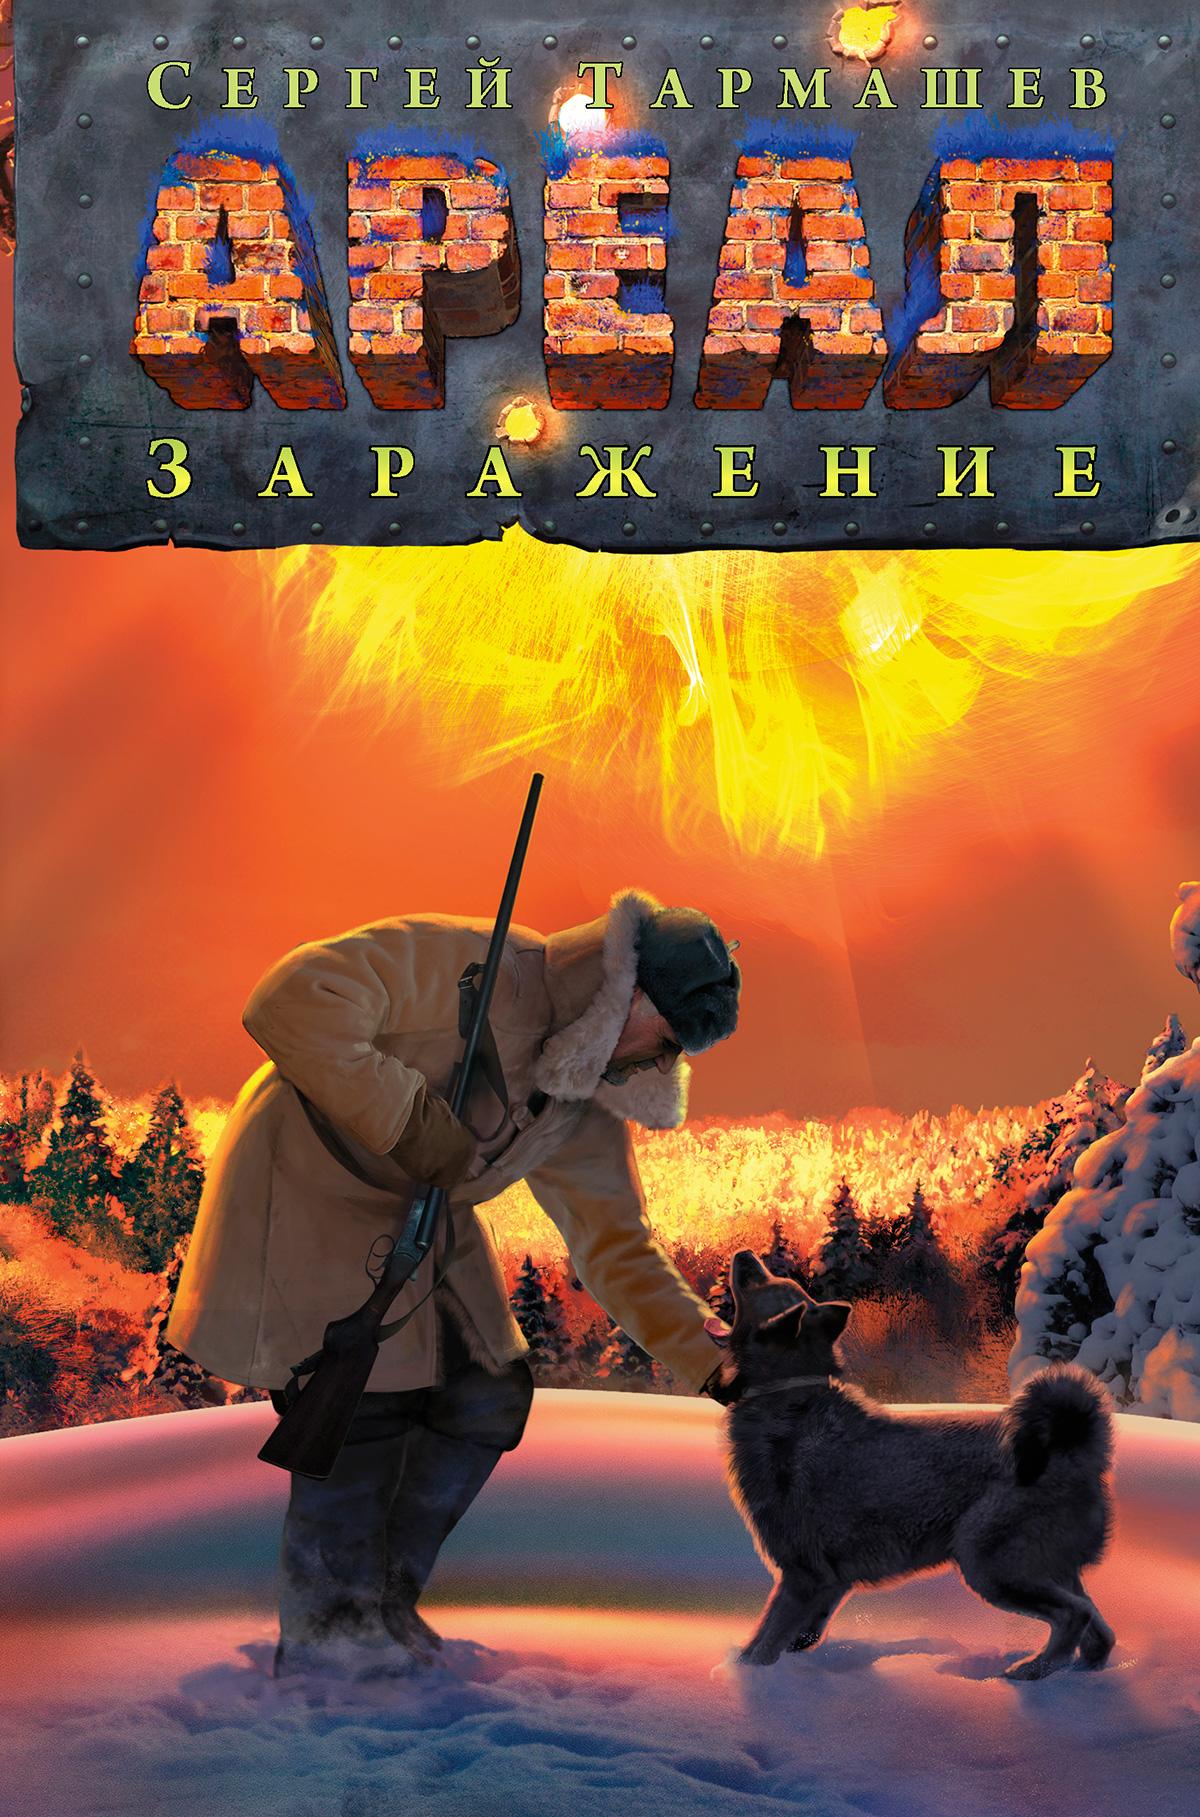 Тармашев ареал 1 скачать fb2